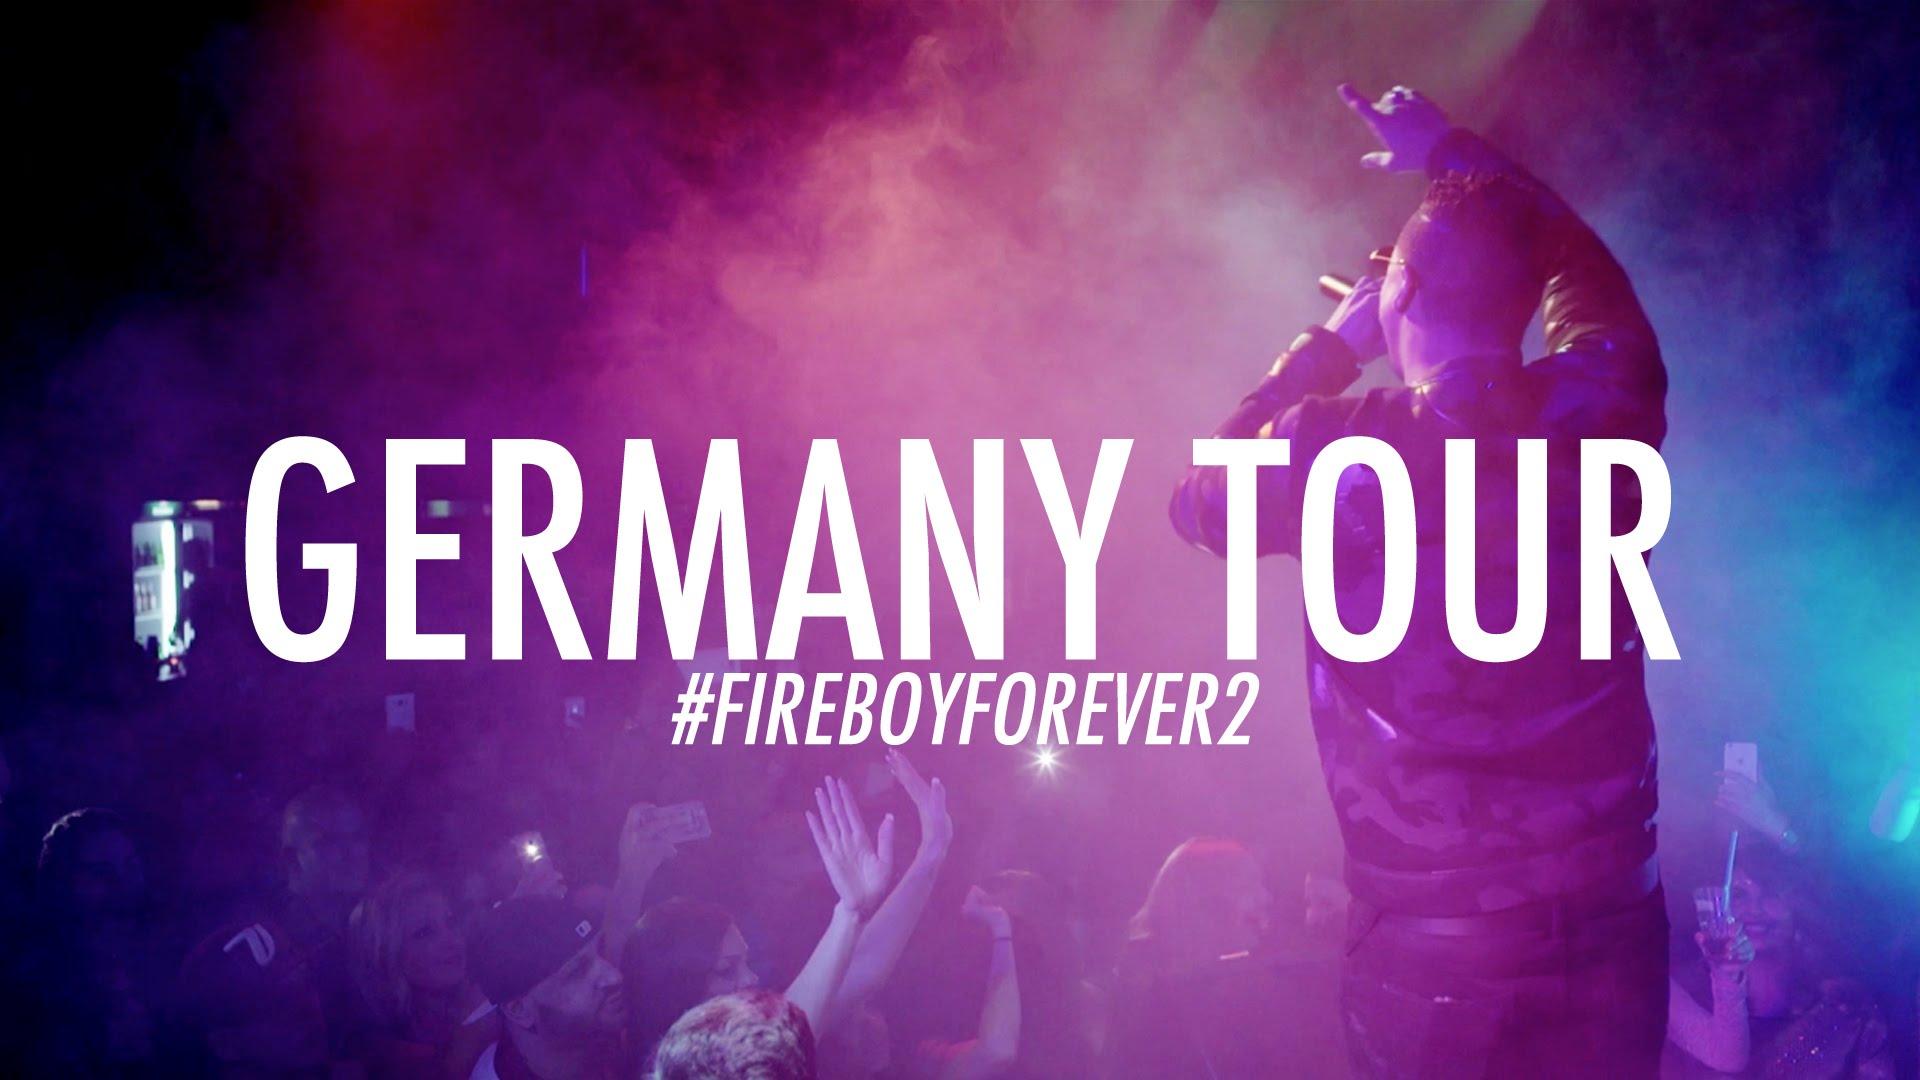 fuego alemania tour 2016 fireboy - Fuego – Alemania Tour 2016 (Fireboy Forever 2)